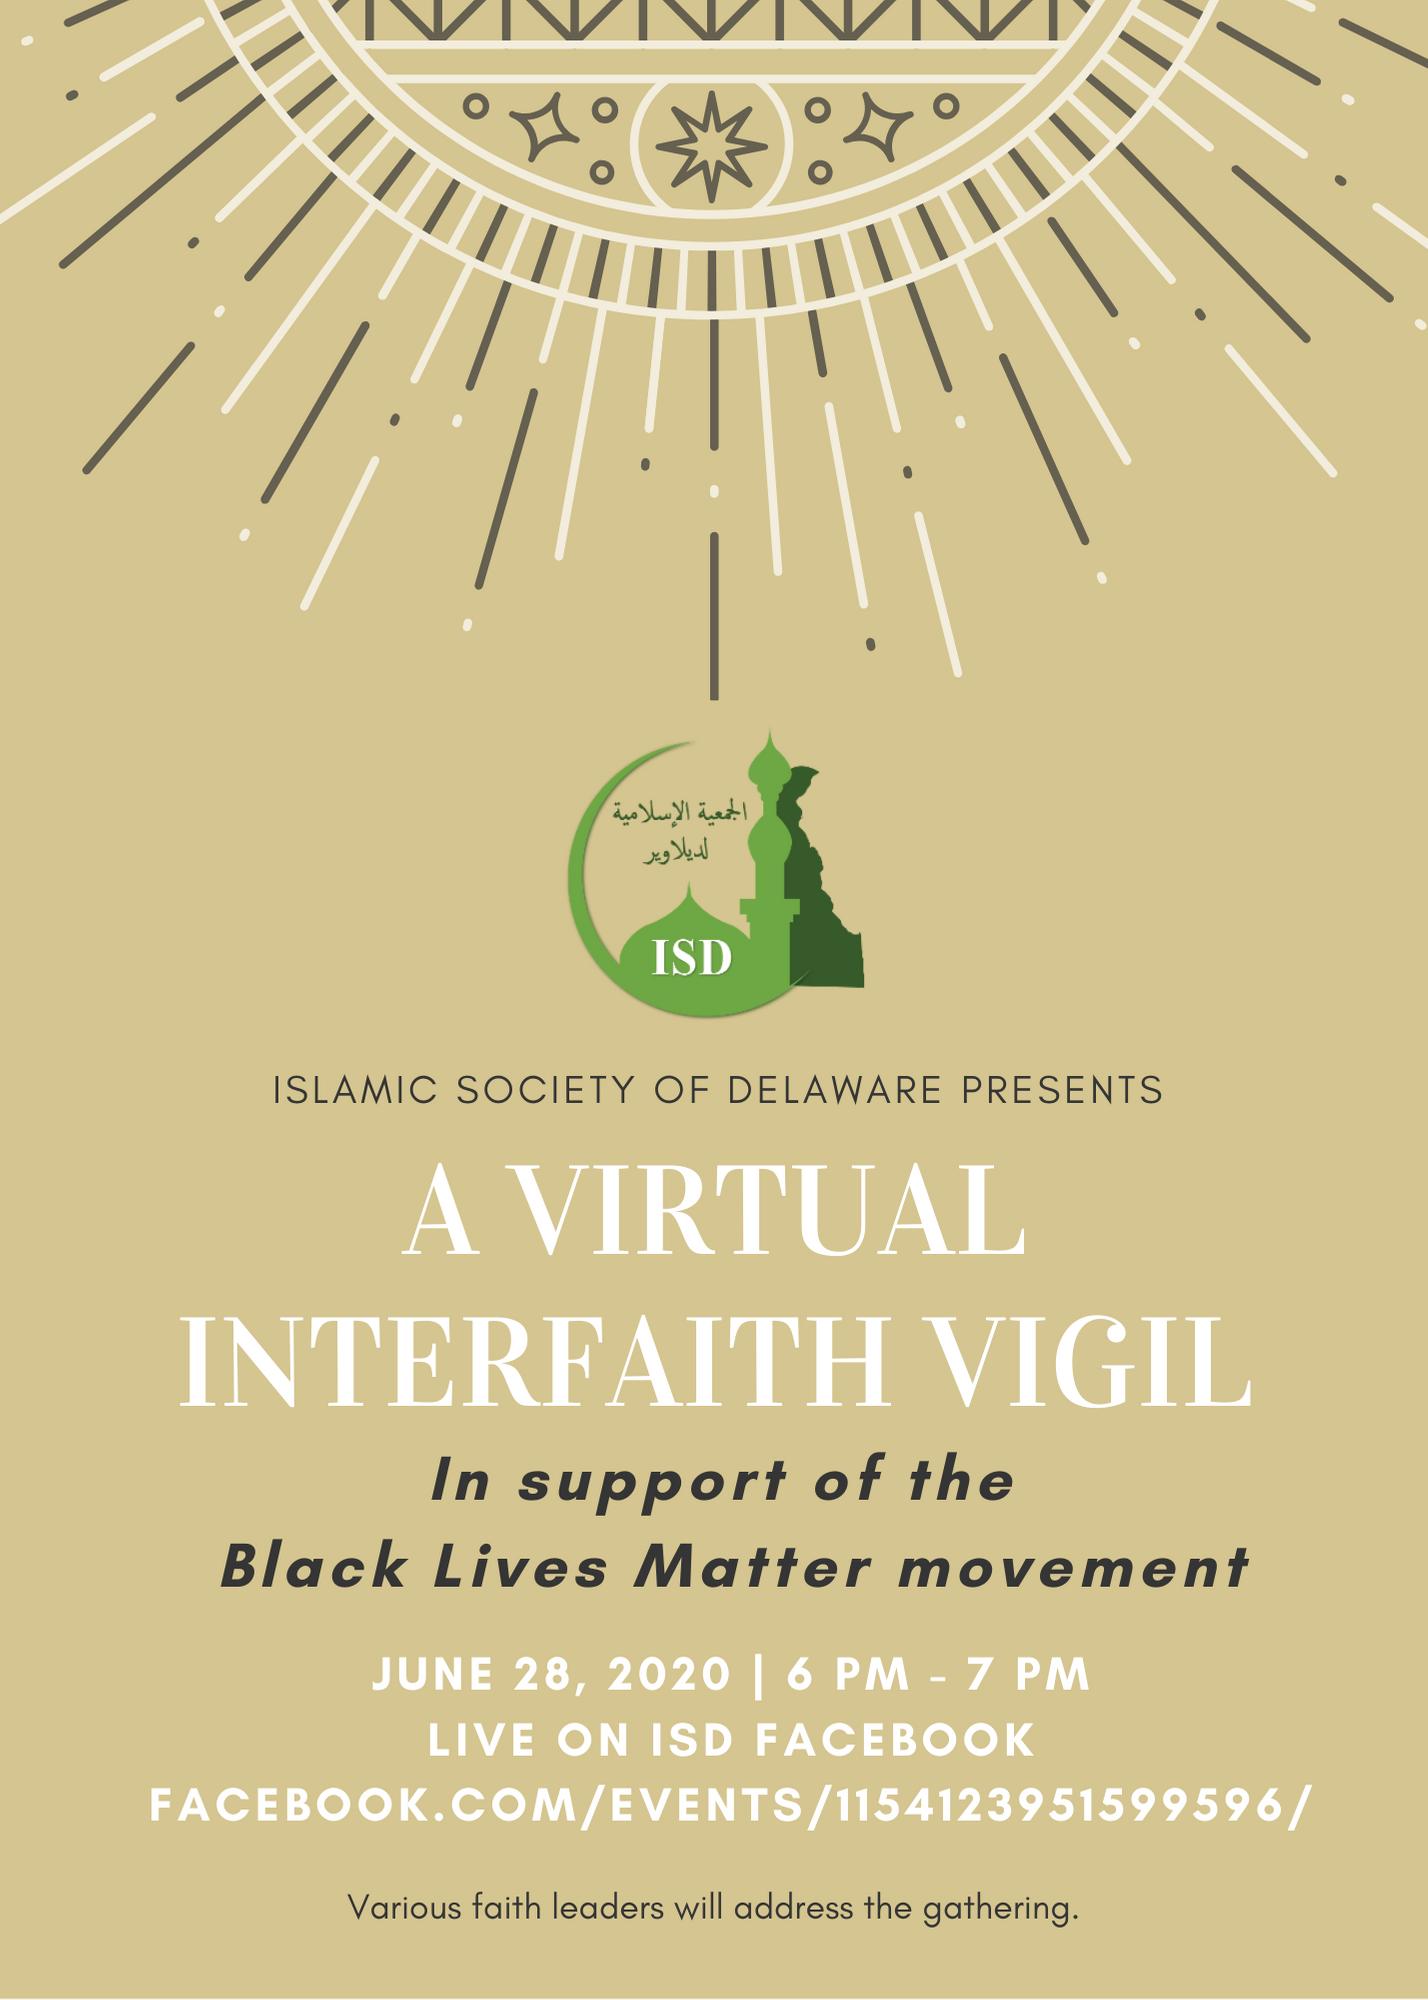 A Virtual Interfaith Vigil